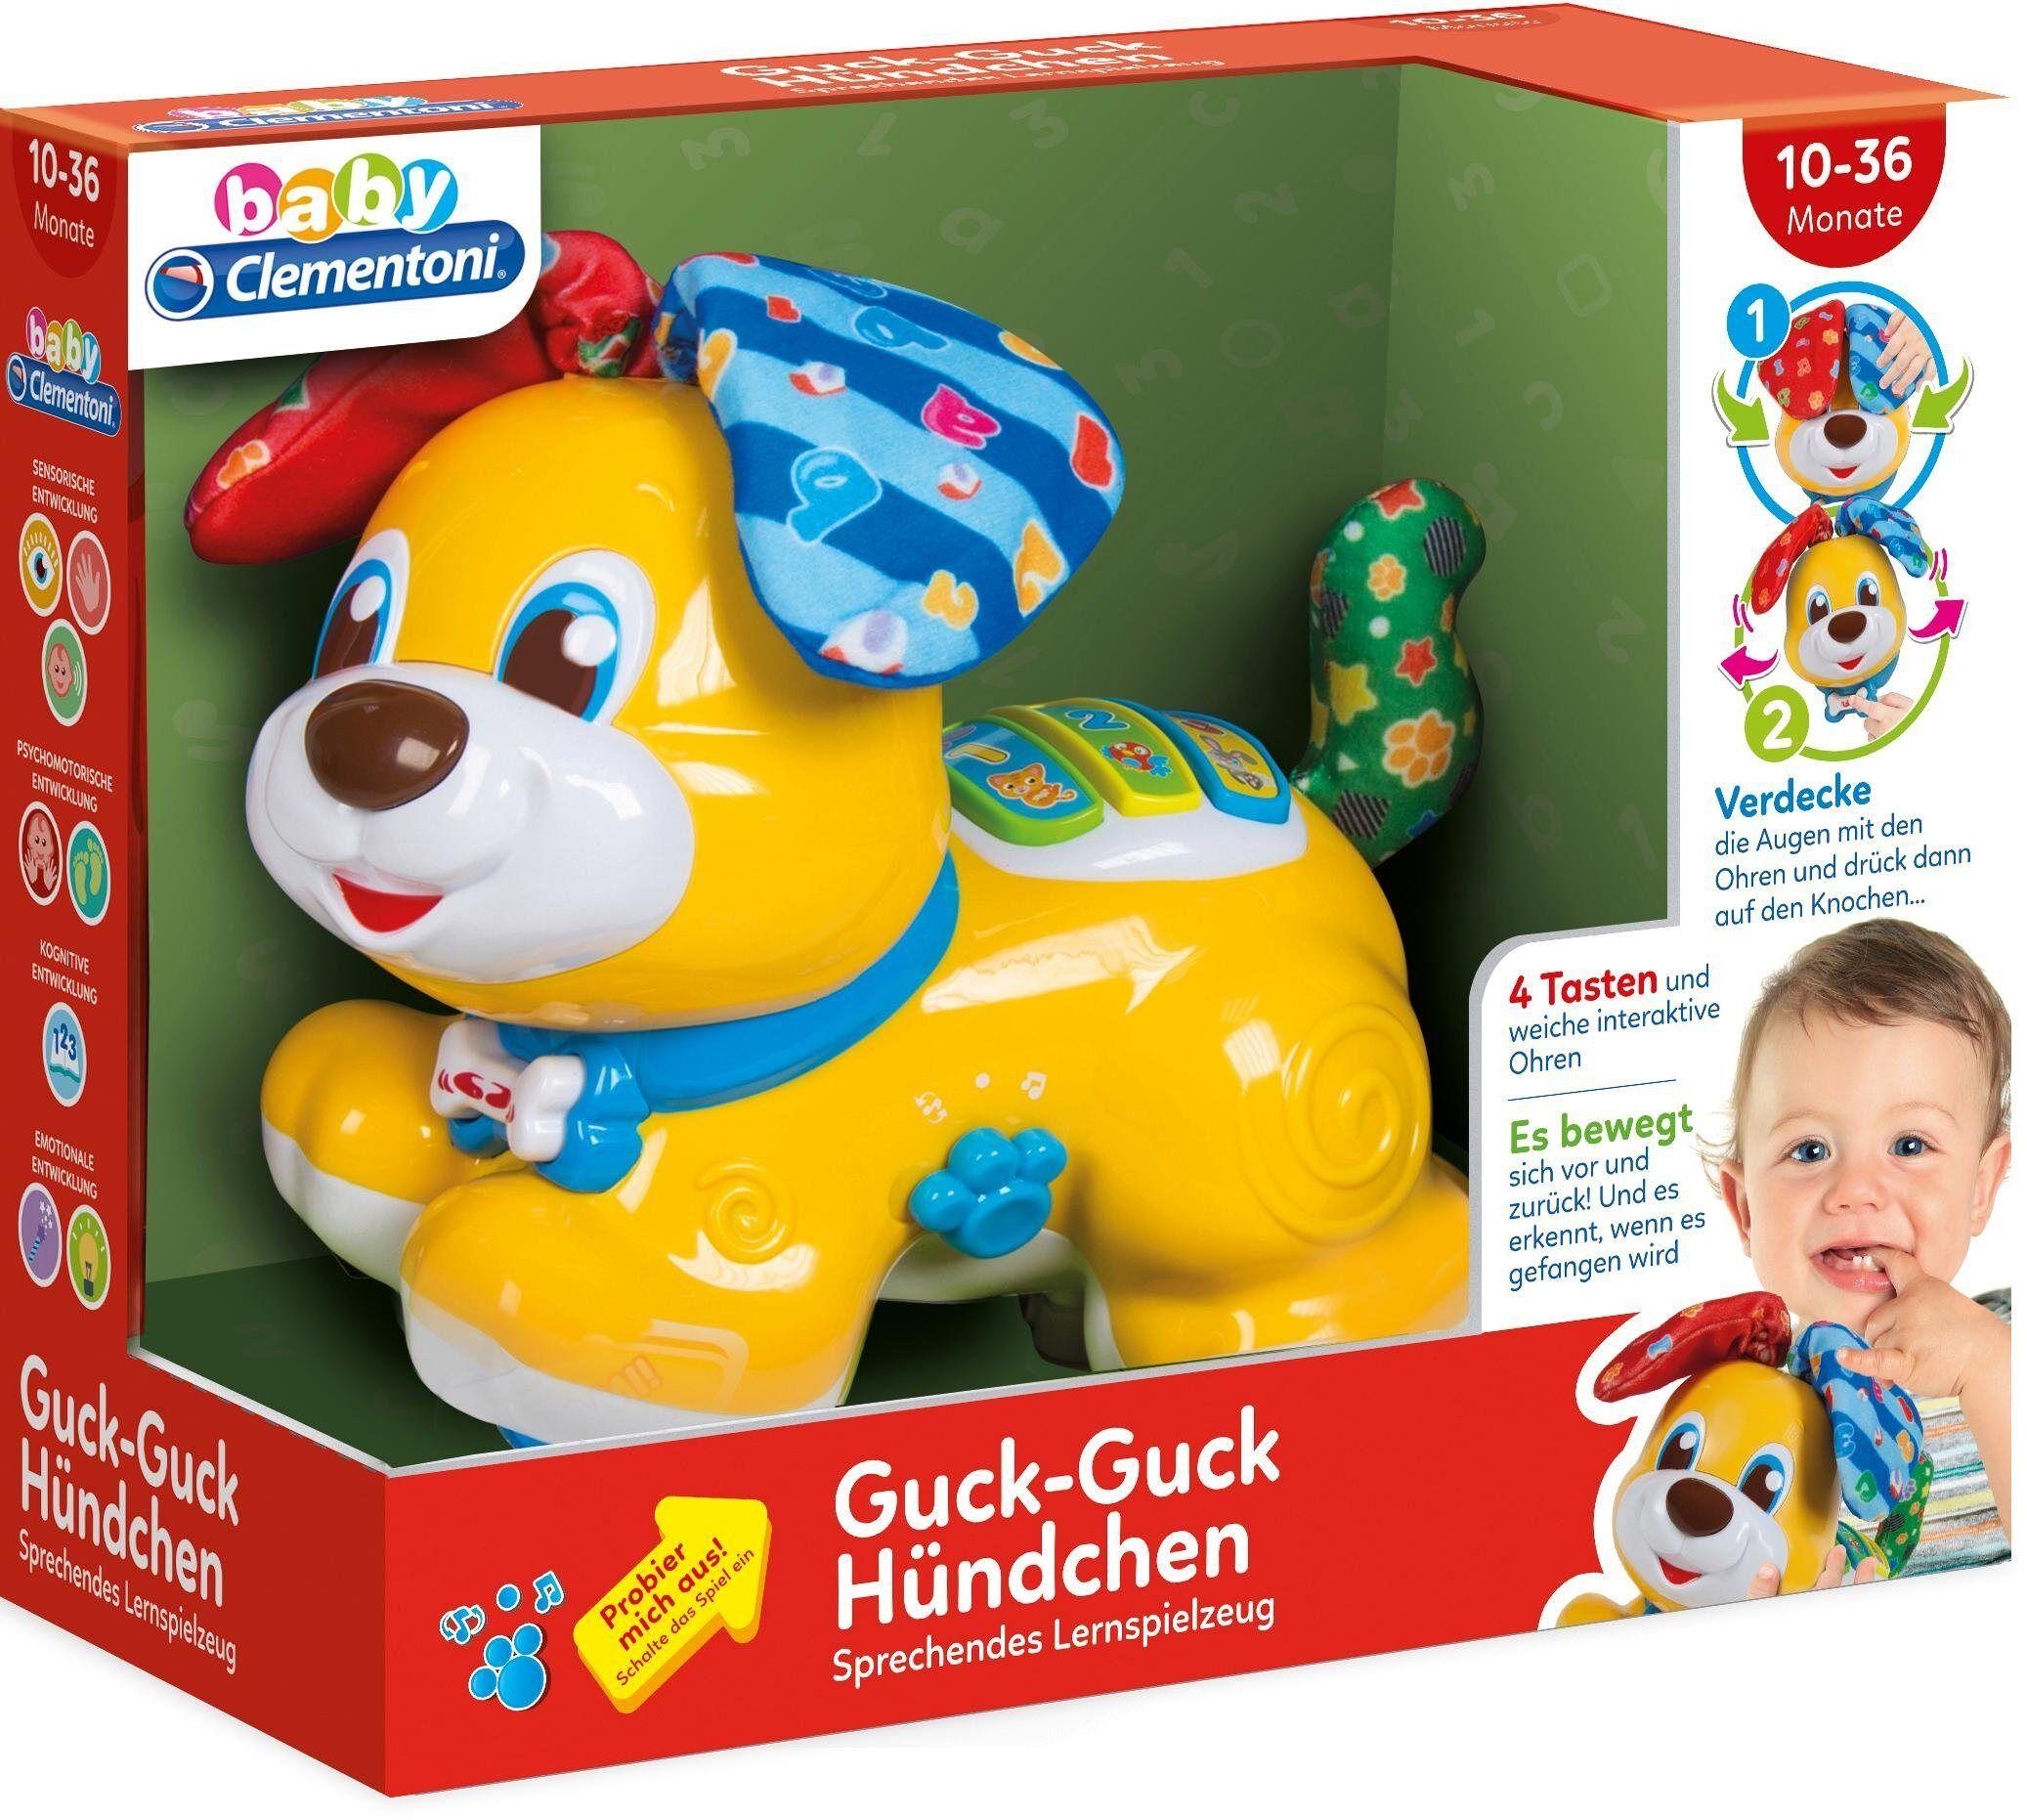 Clementoni® Clementoni Elektronisches Spielzeug mit Soundeffekten, »Baby, Guck-Guck Hündchen«